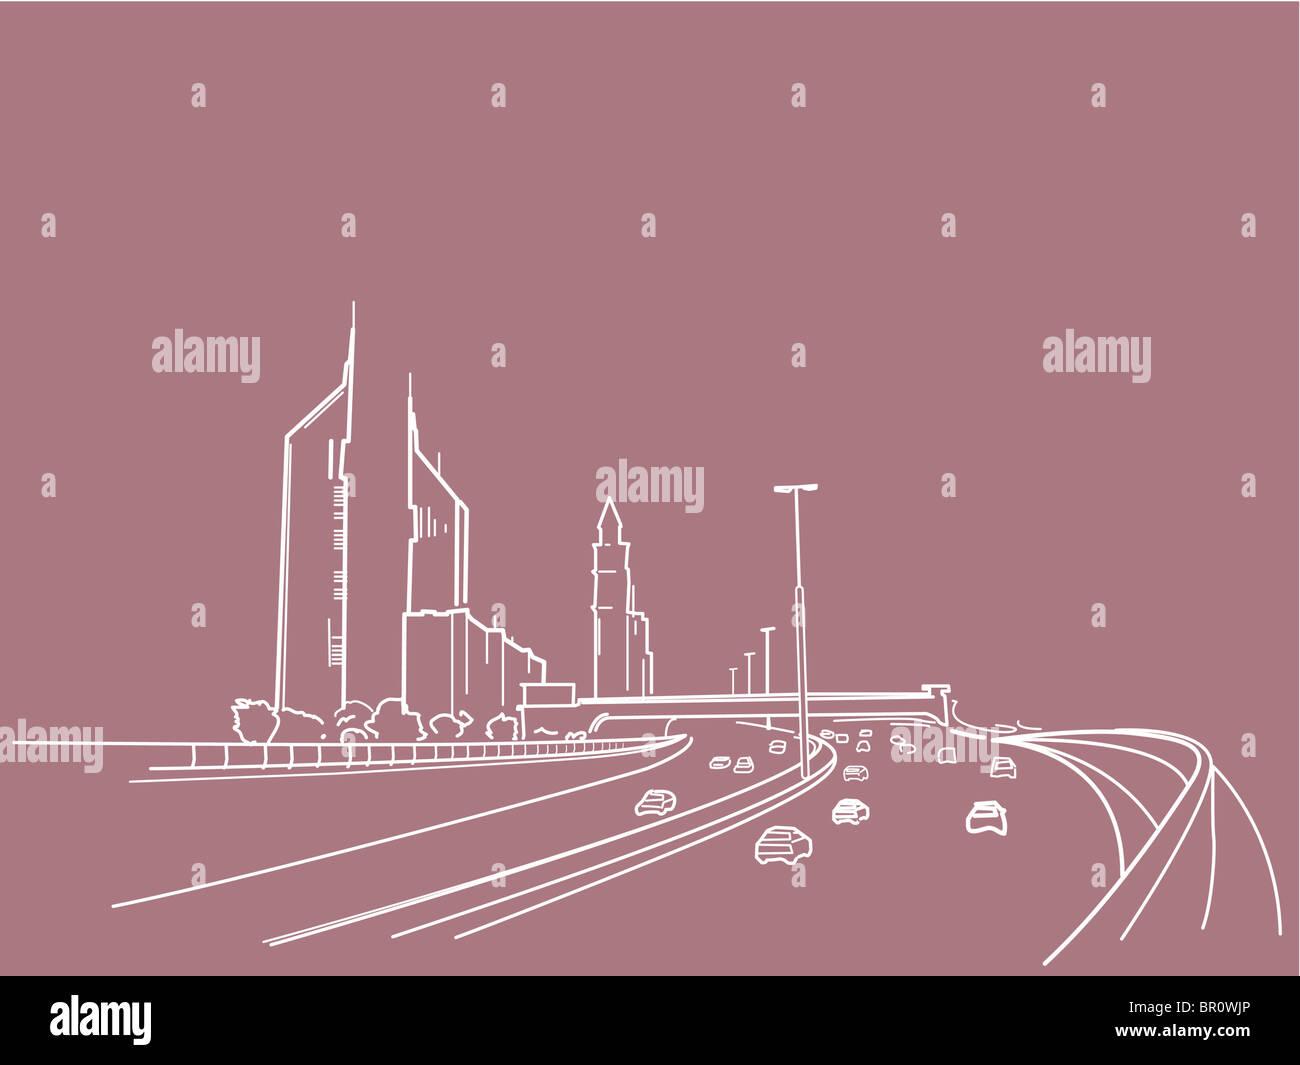 Una illustrazione di una superstrada Immagini Stock